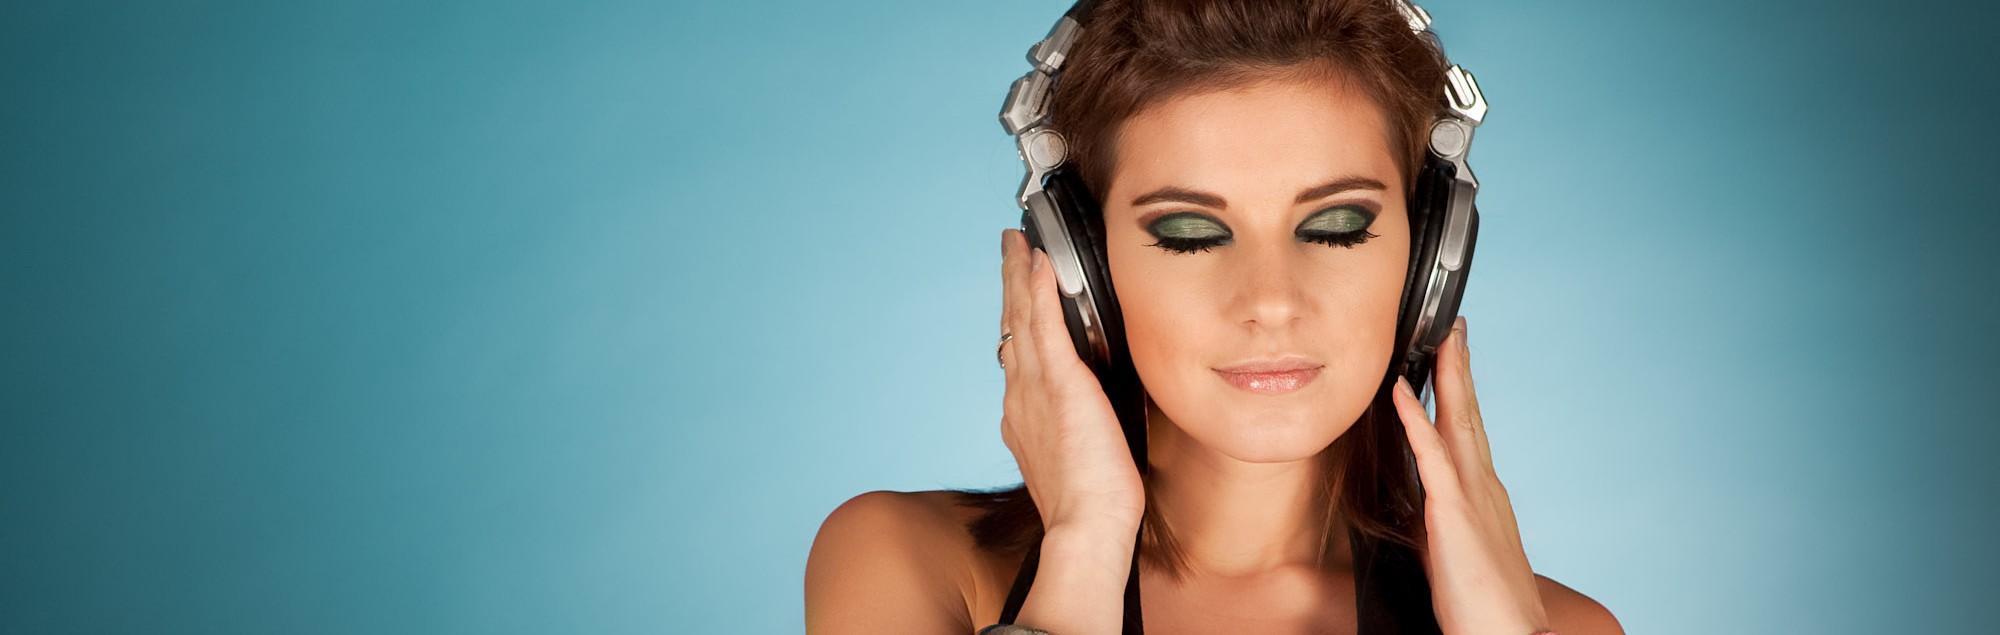 Créer une webradio commerciale